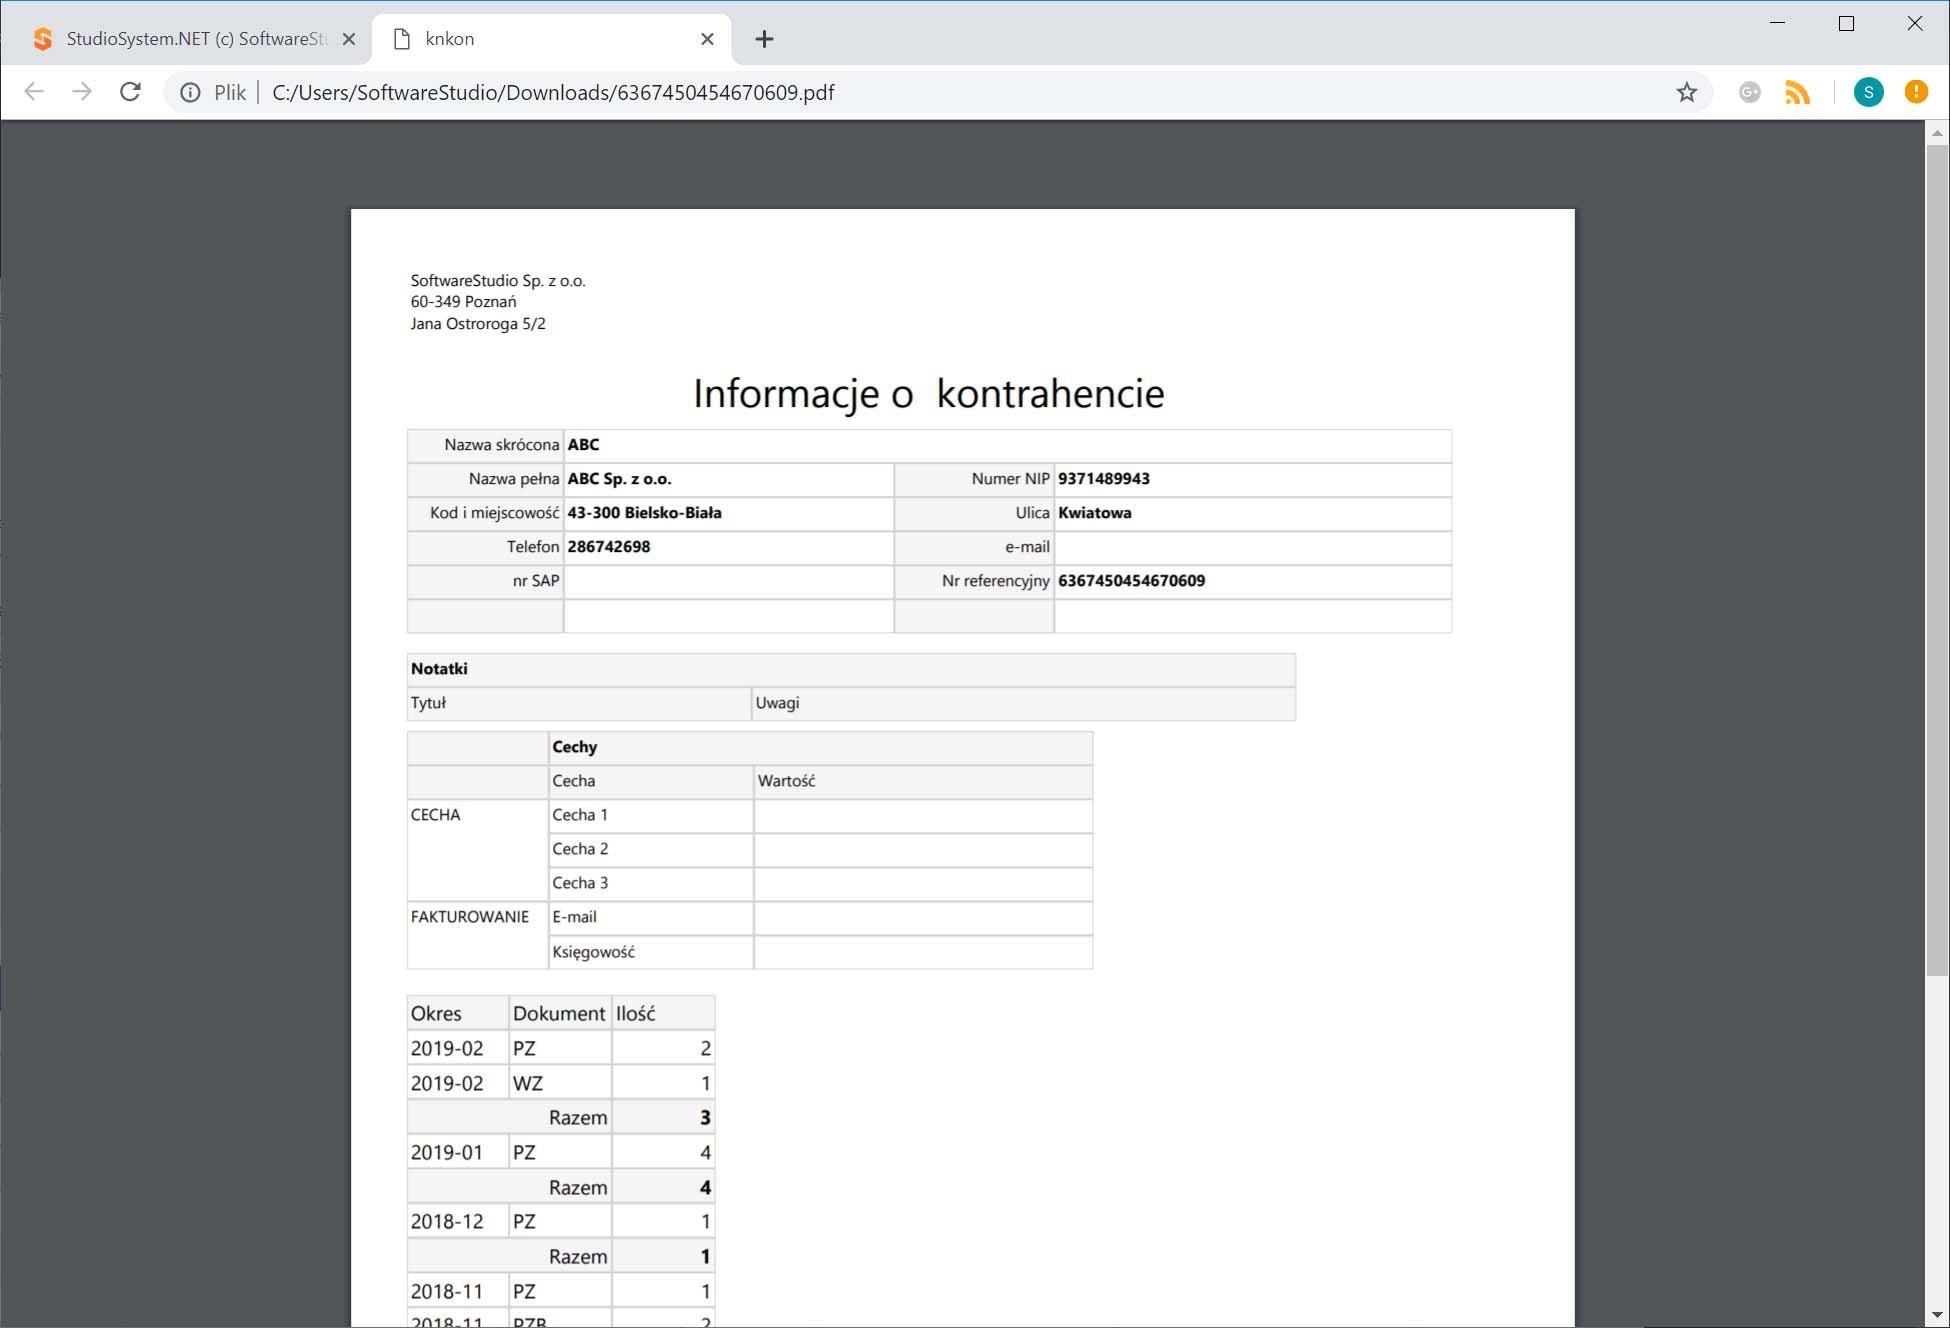 zarządzanie przestrzenią magazynową,program magazynowy z czytnikiem kodów,oprogramowanie magazynowe